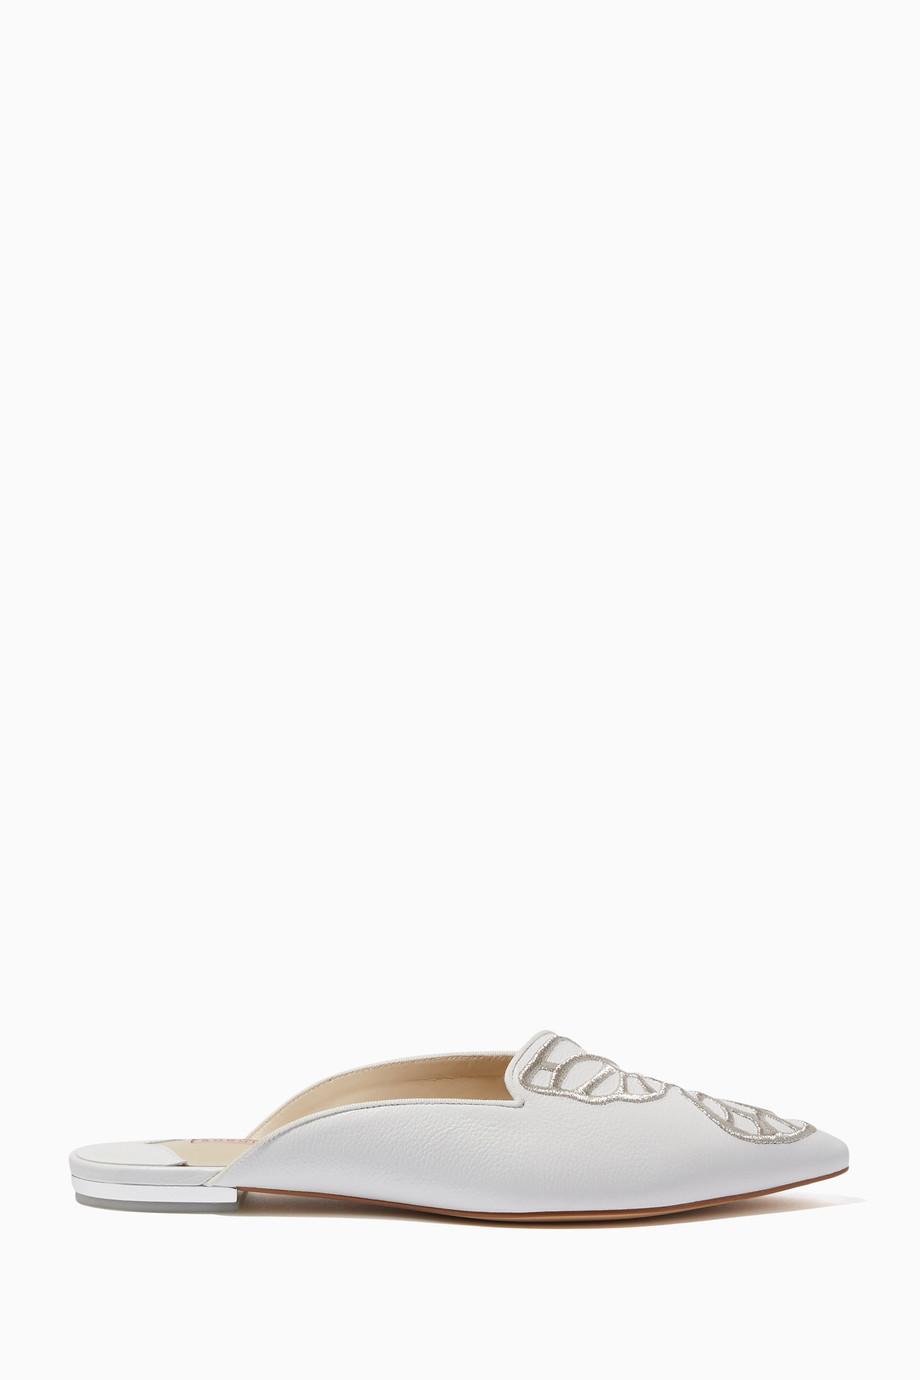 164a45360413f Shop Sophia Webster White Bibi Butterfly Slip-On Mules for Women ...